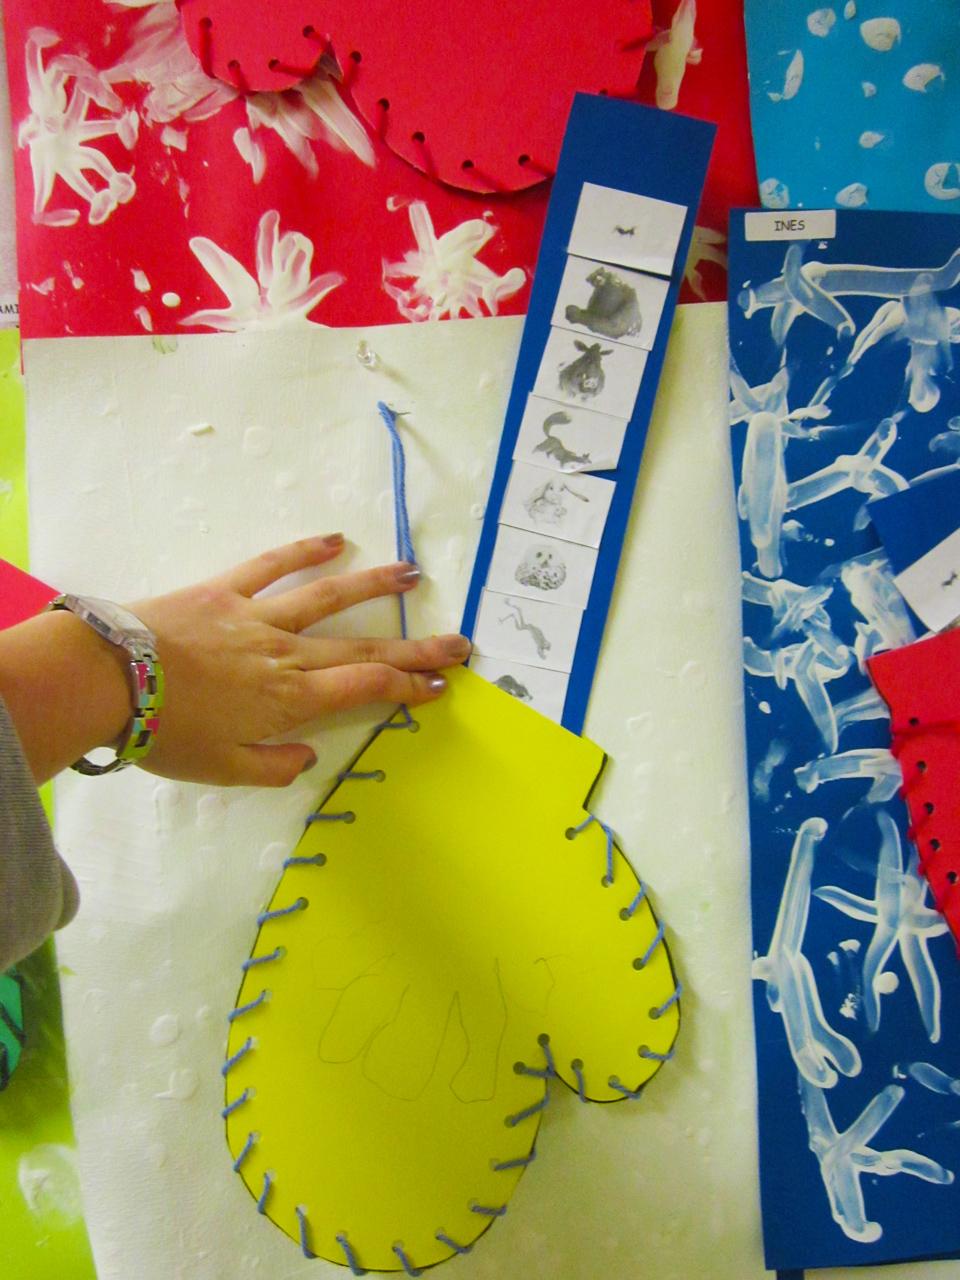 large choix de couleurs dessin de mode  Projet d'art : La moufle – Une instit de plus